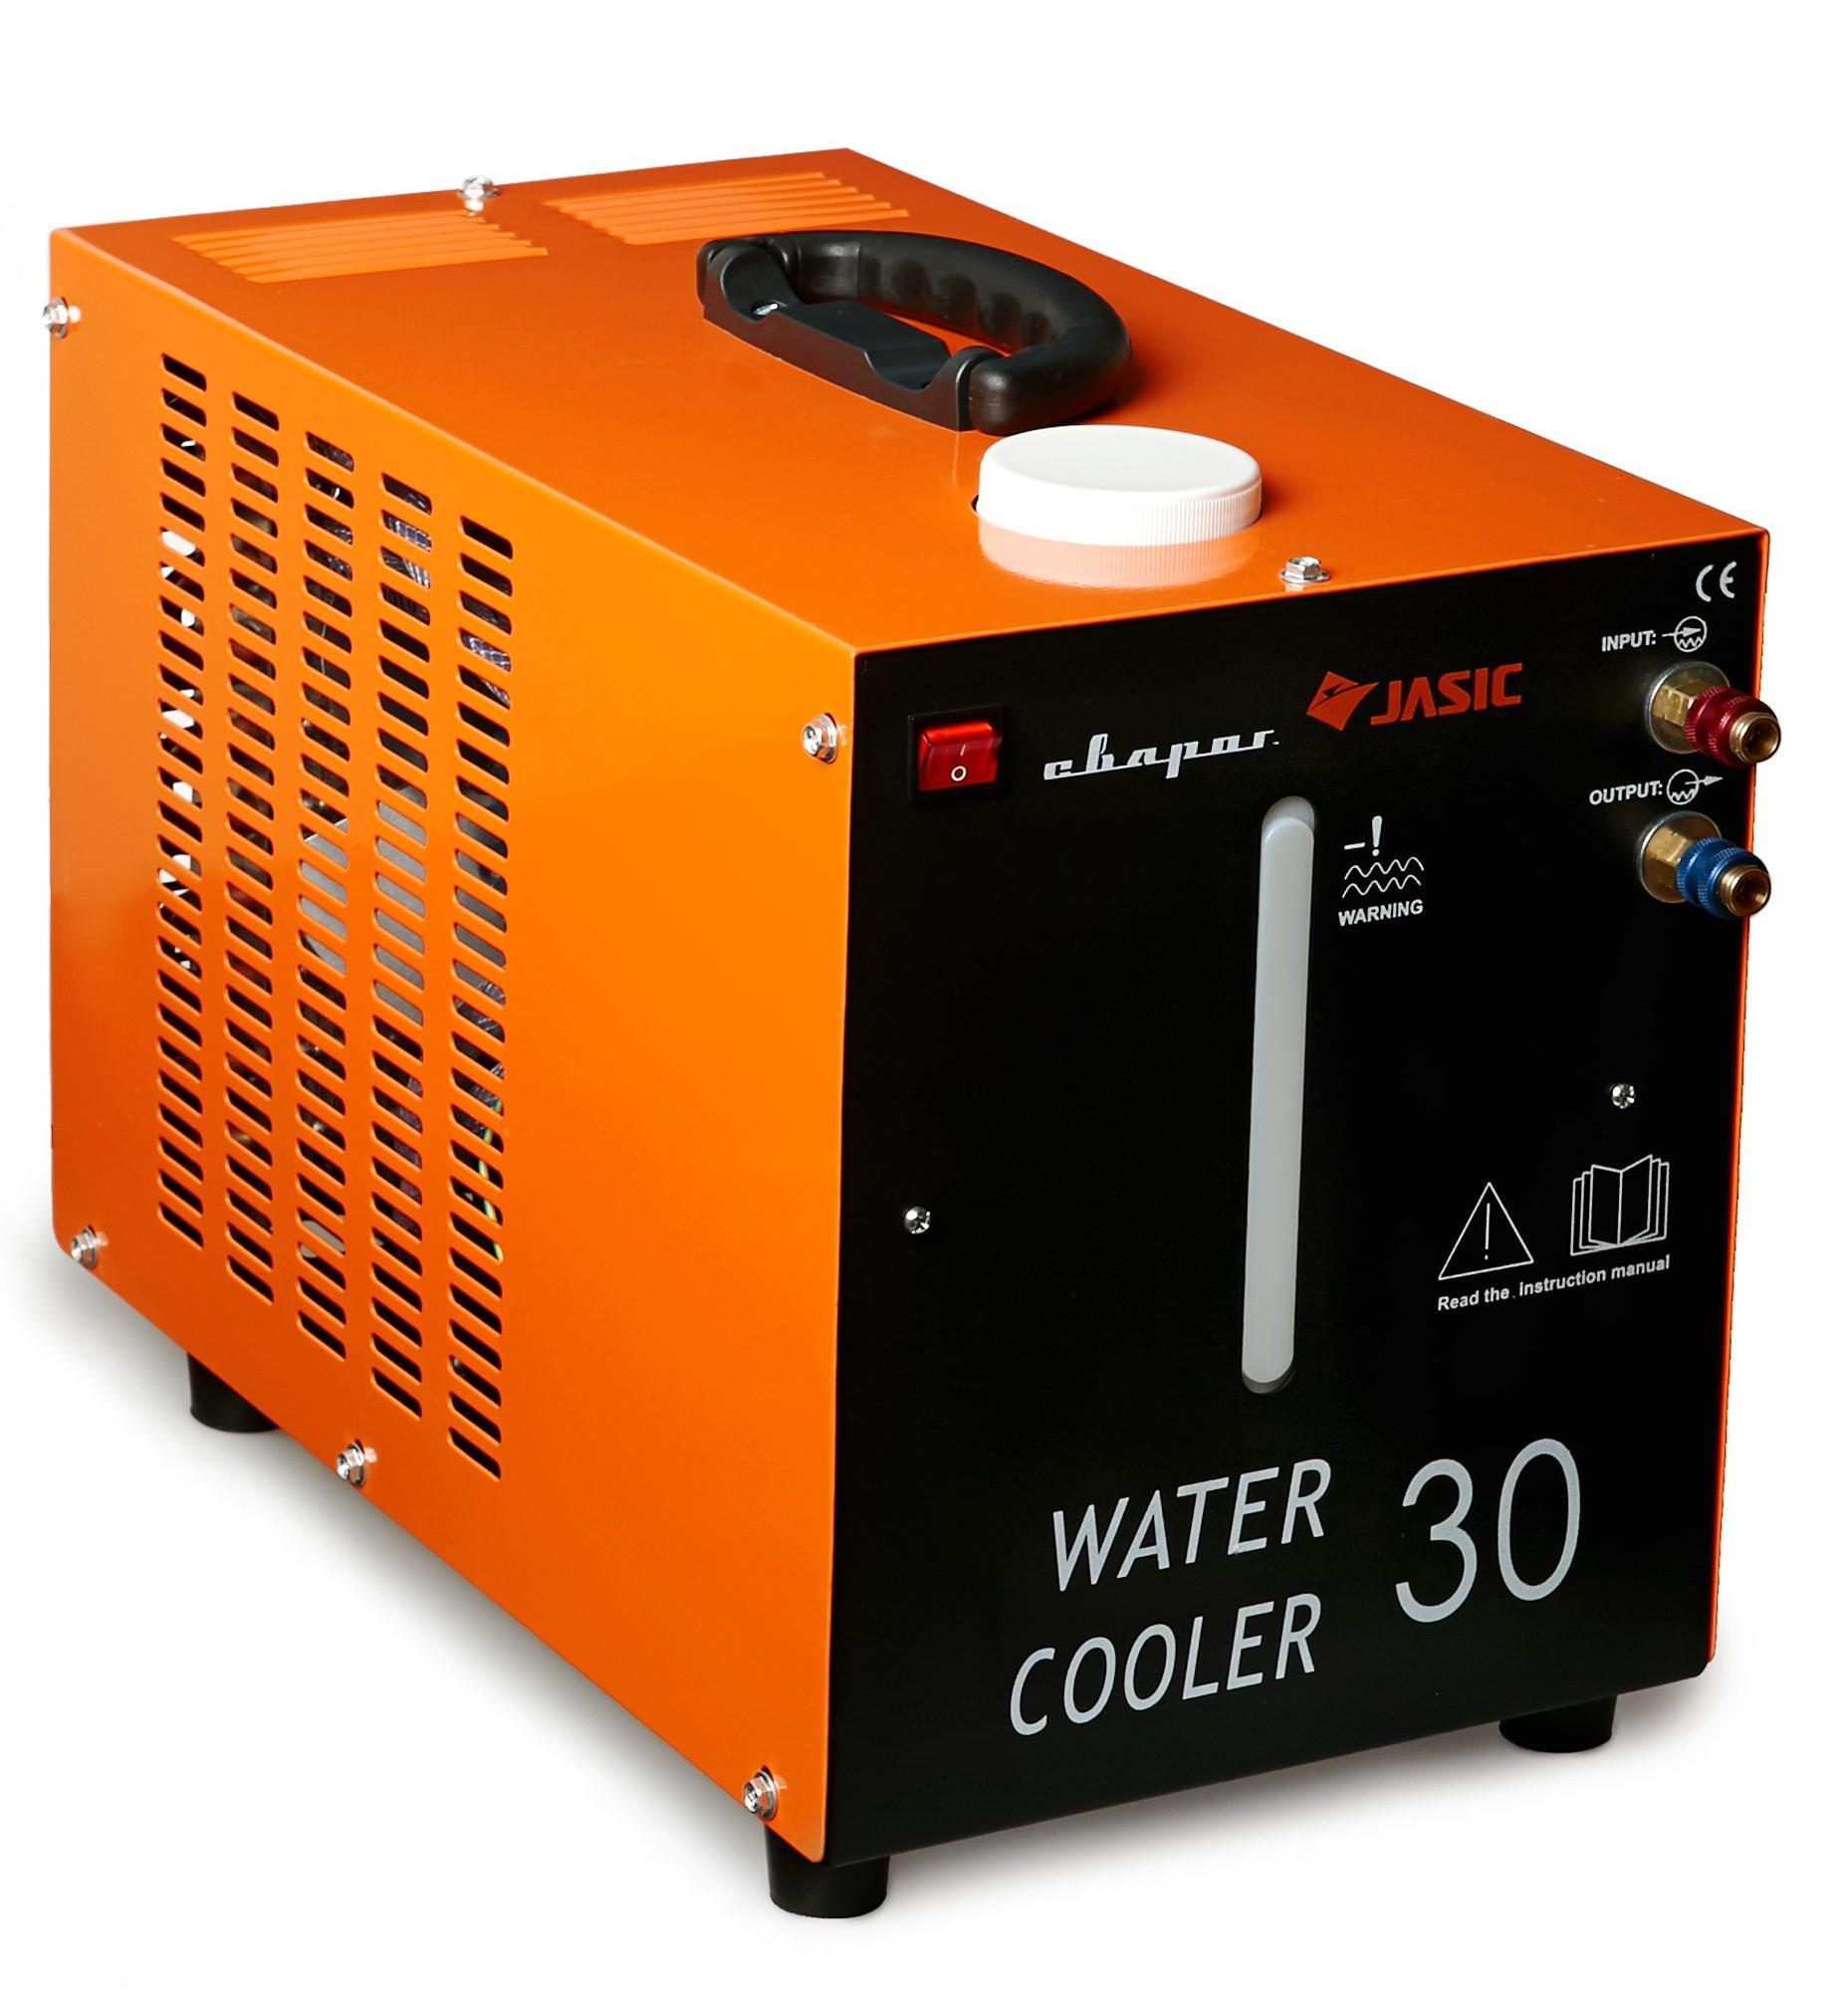 Блок водяного охлаждения СВАРОГ Water cooler 30 40 80 12мм алюминий водяного охлаждения радиатора блок жидкостного охлаждения для центрального процессора gpu